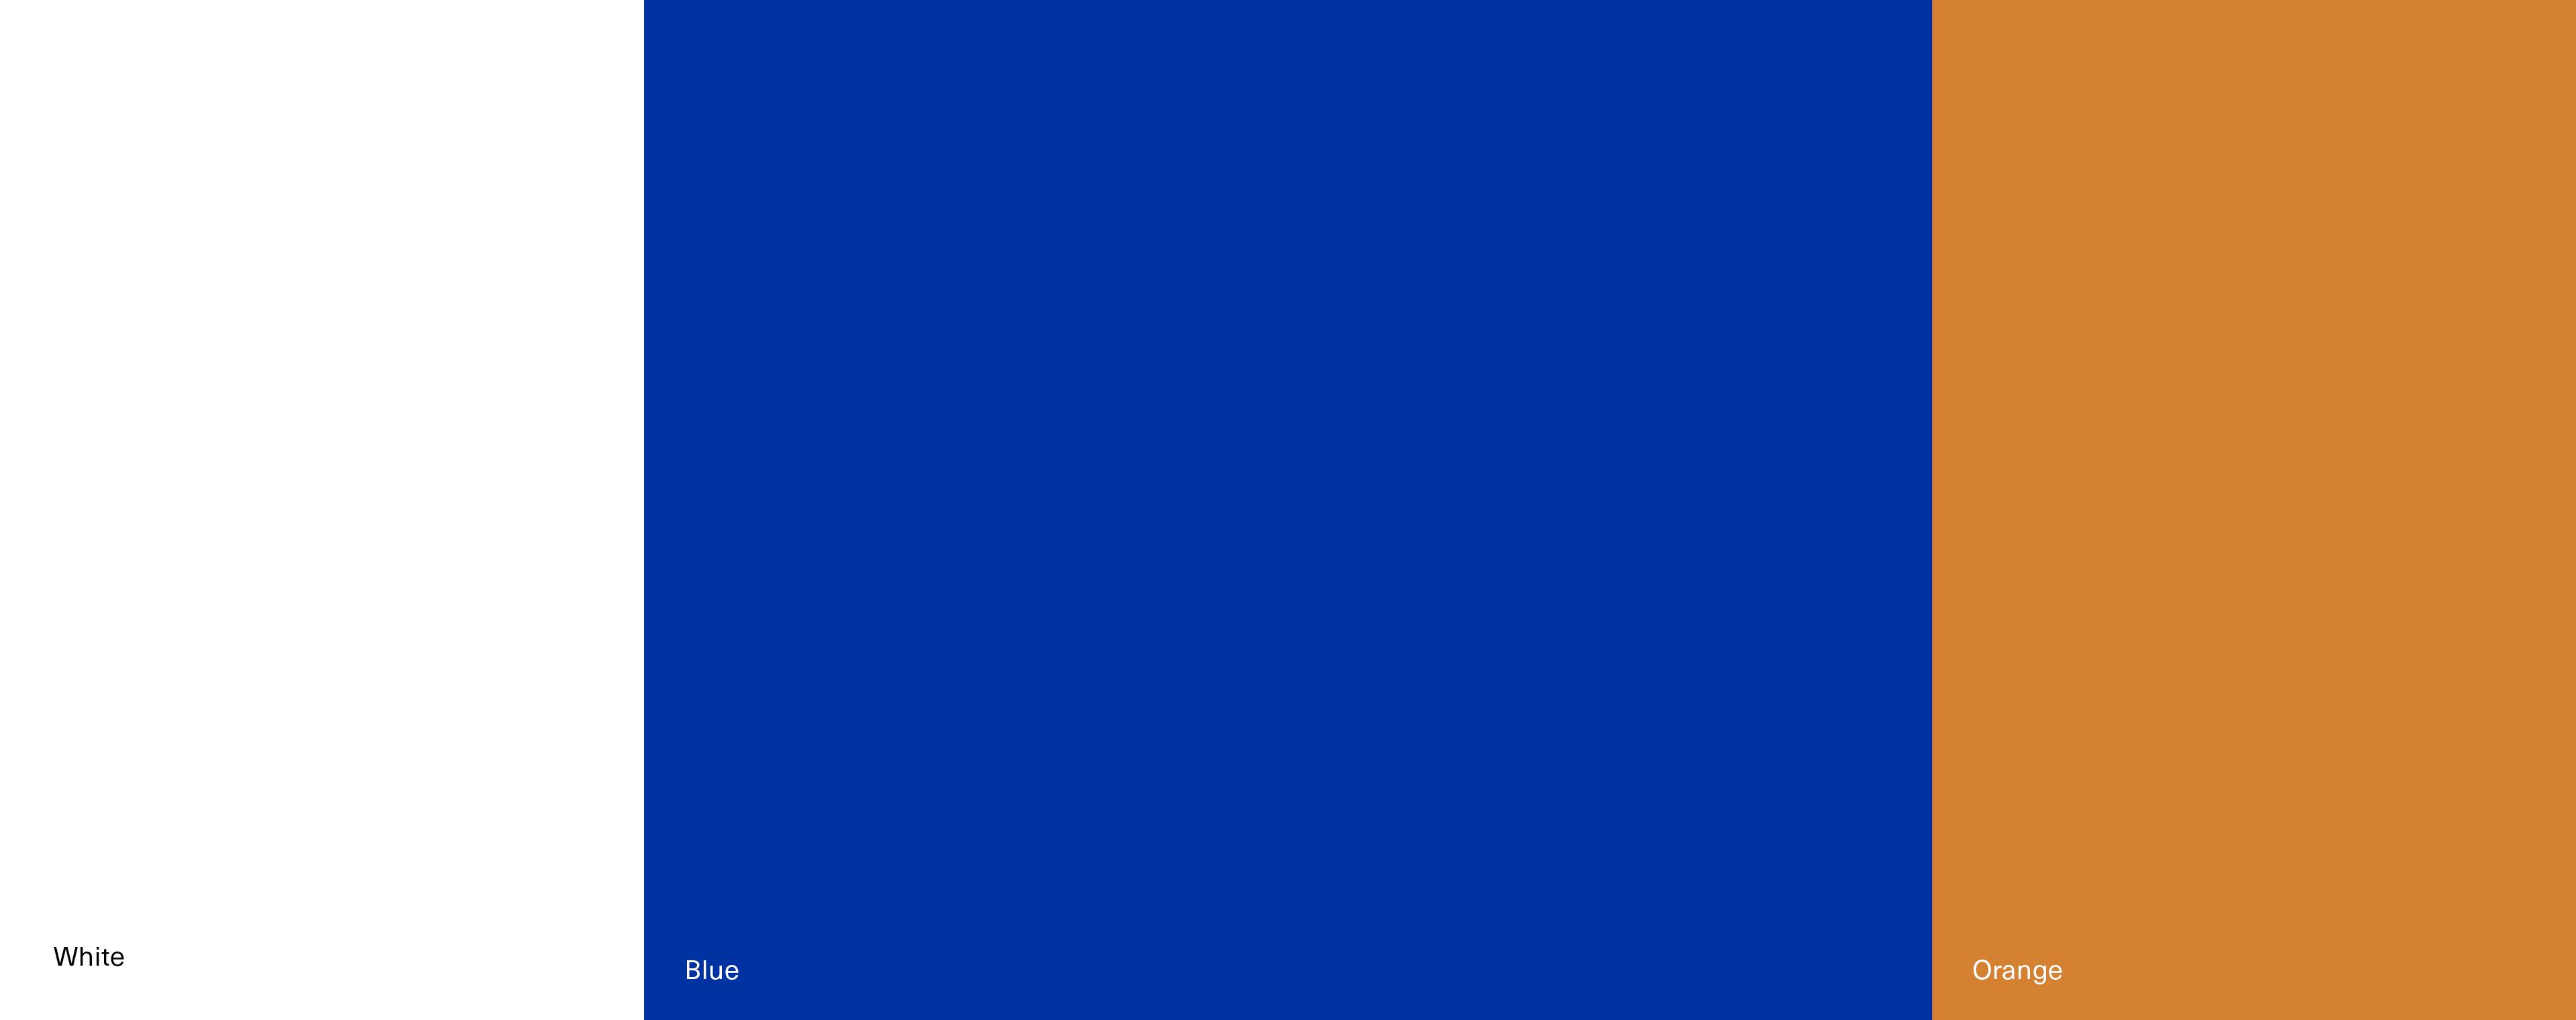 Kräftige und markante Farben für das Corporate Design von Lektorat 3KANDT